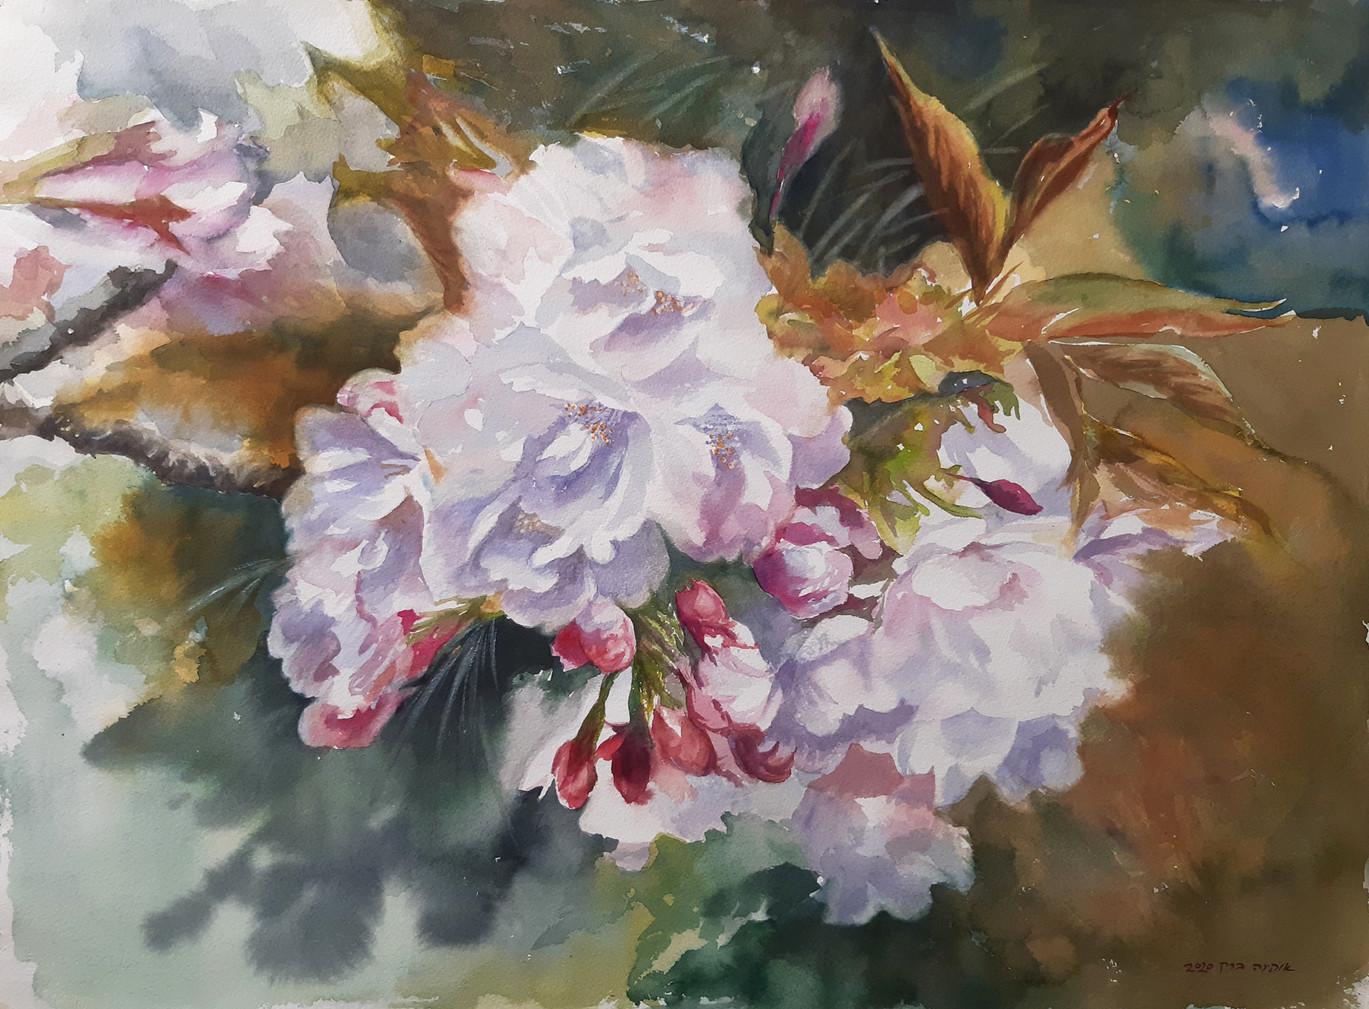 Cherry blossom-Watercolor-76X56cm-2020